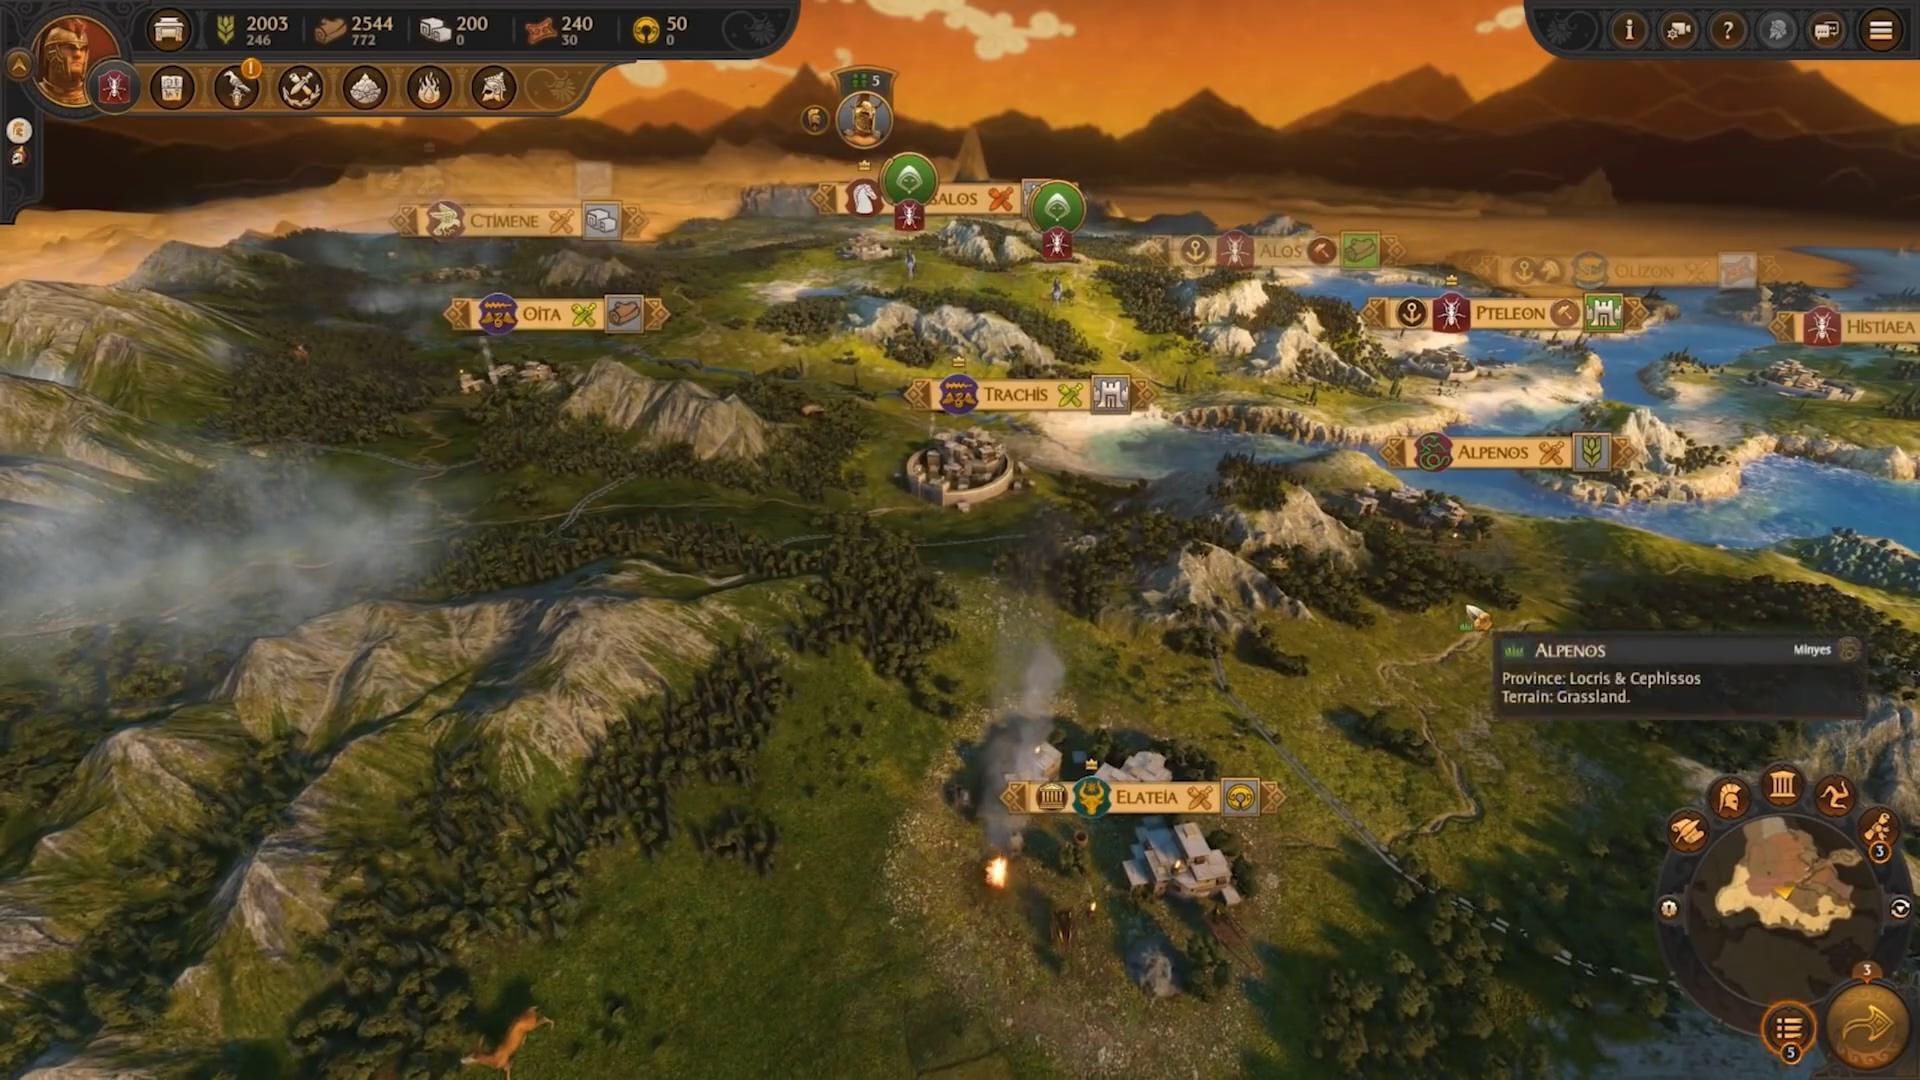 《全軍破敵傳奇:特洛伊》全新預告 可選擇八位英雄